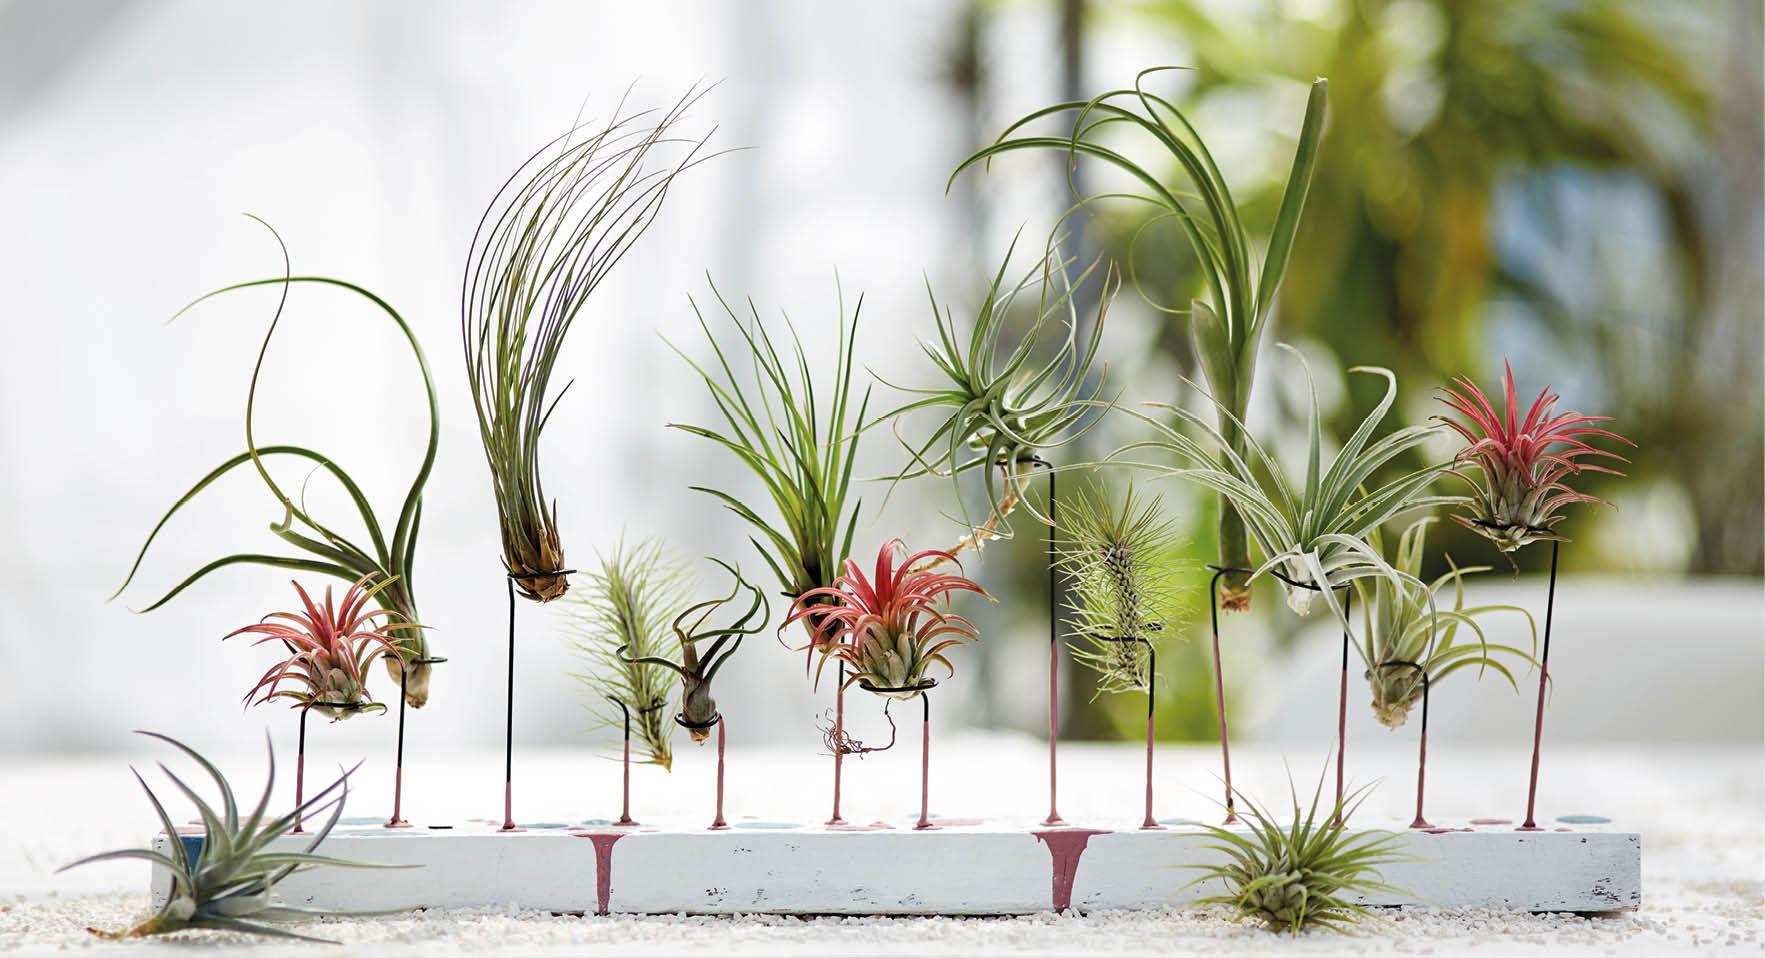 Luftpflanzen kaufen